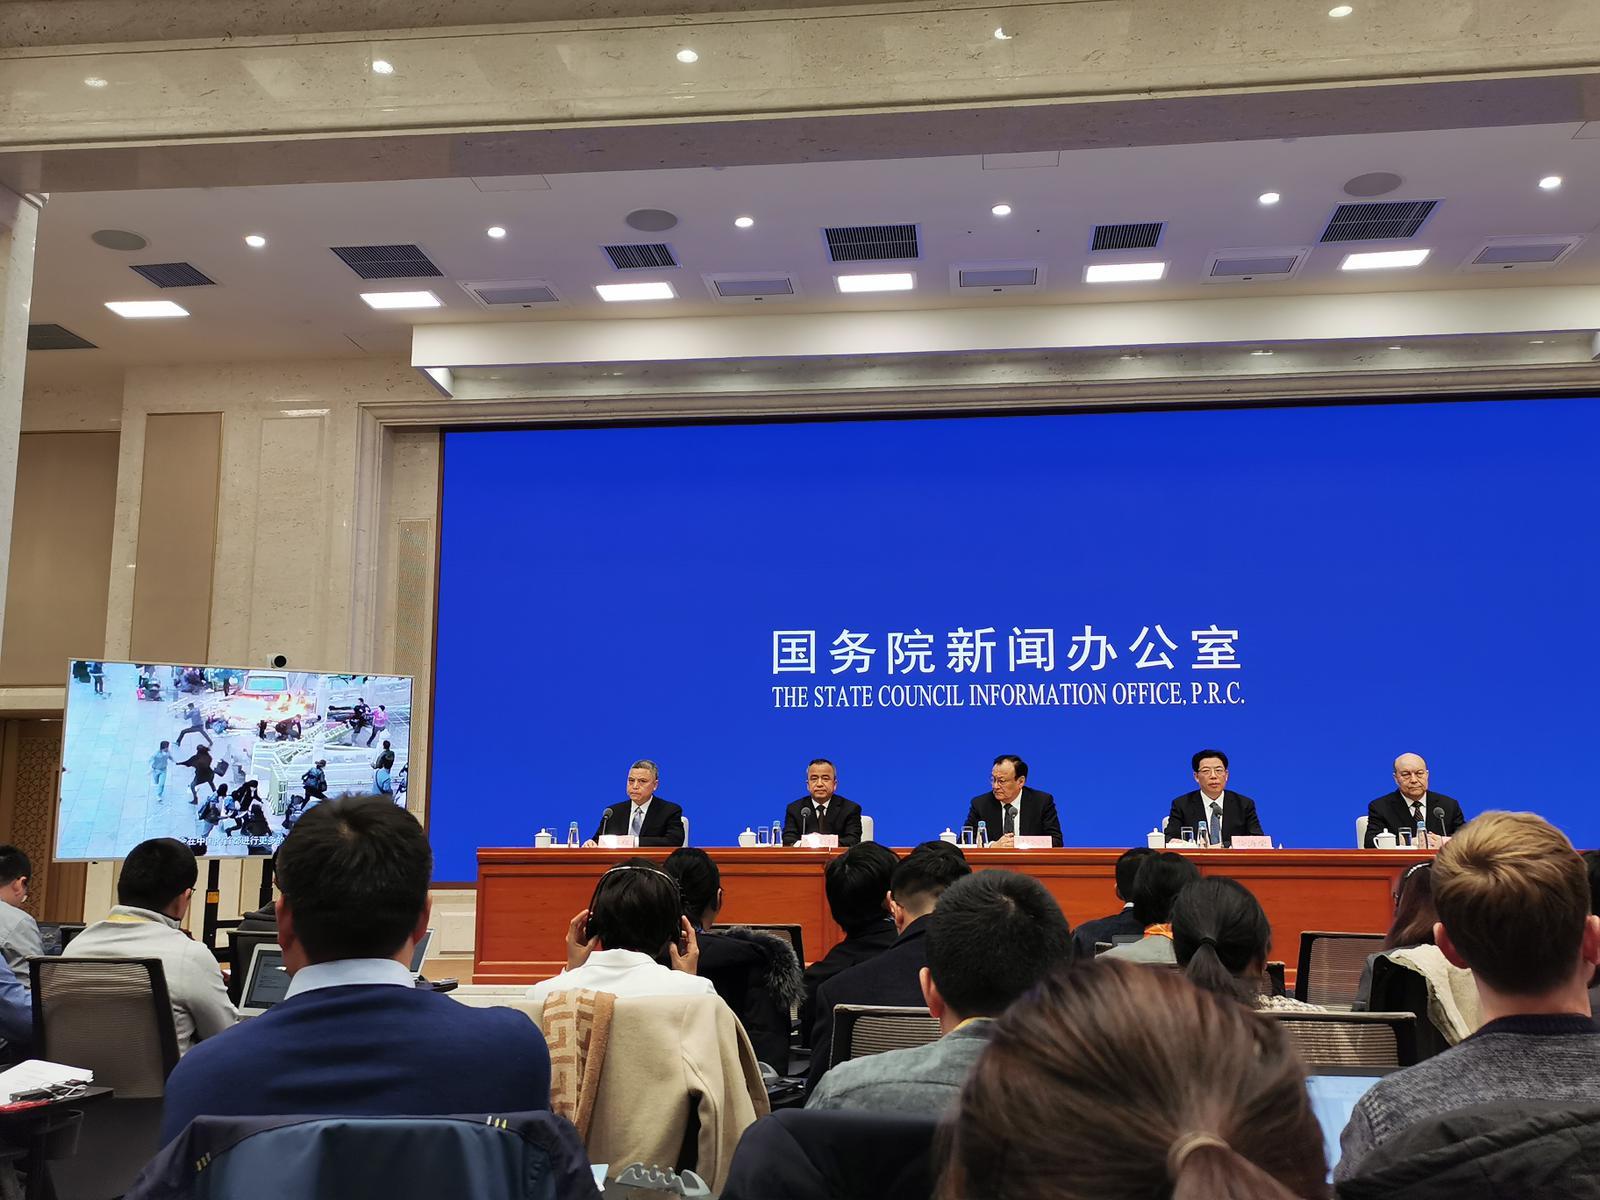 新疆主席雪克來提.札克爾(中):教培中心學員已全部結業。張言天攝